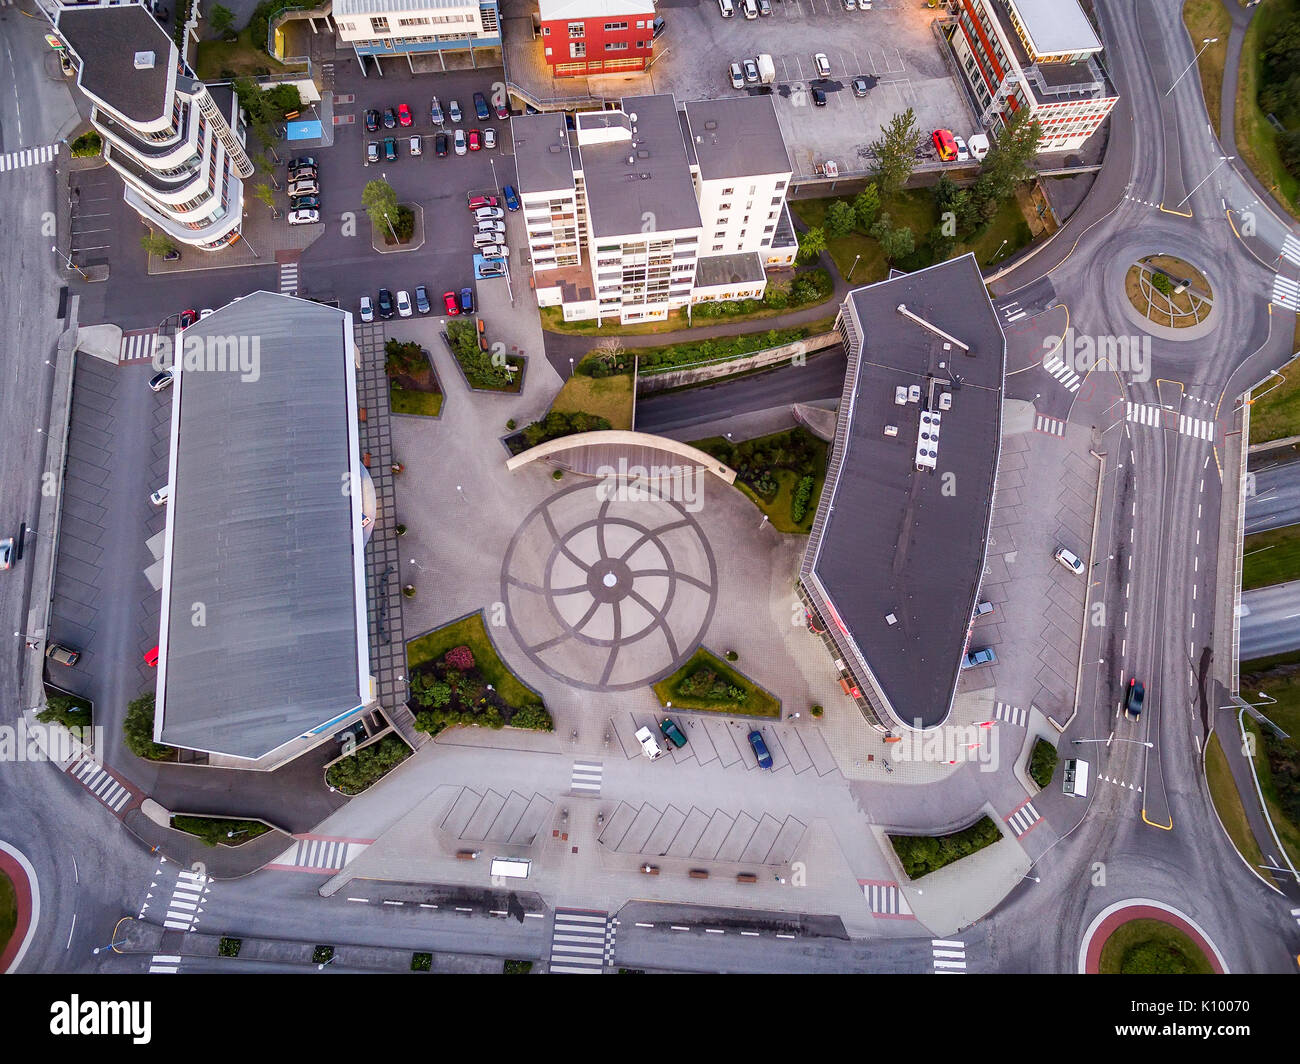 Blick auf einen großen Kreisverkehr und Gebäude, Kopavogur, Island, einem Vorort von Reykjavik. Stockbild